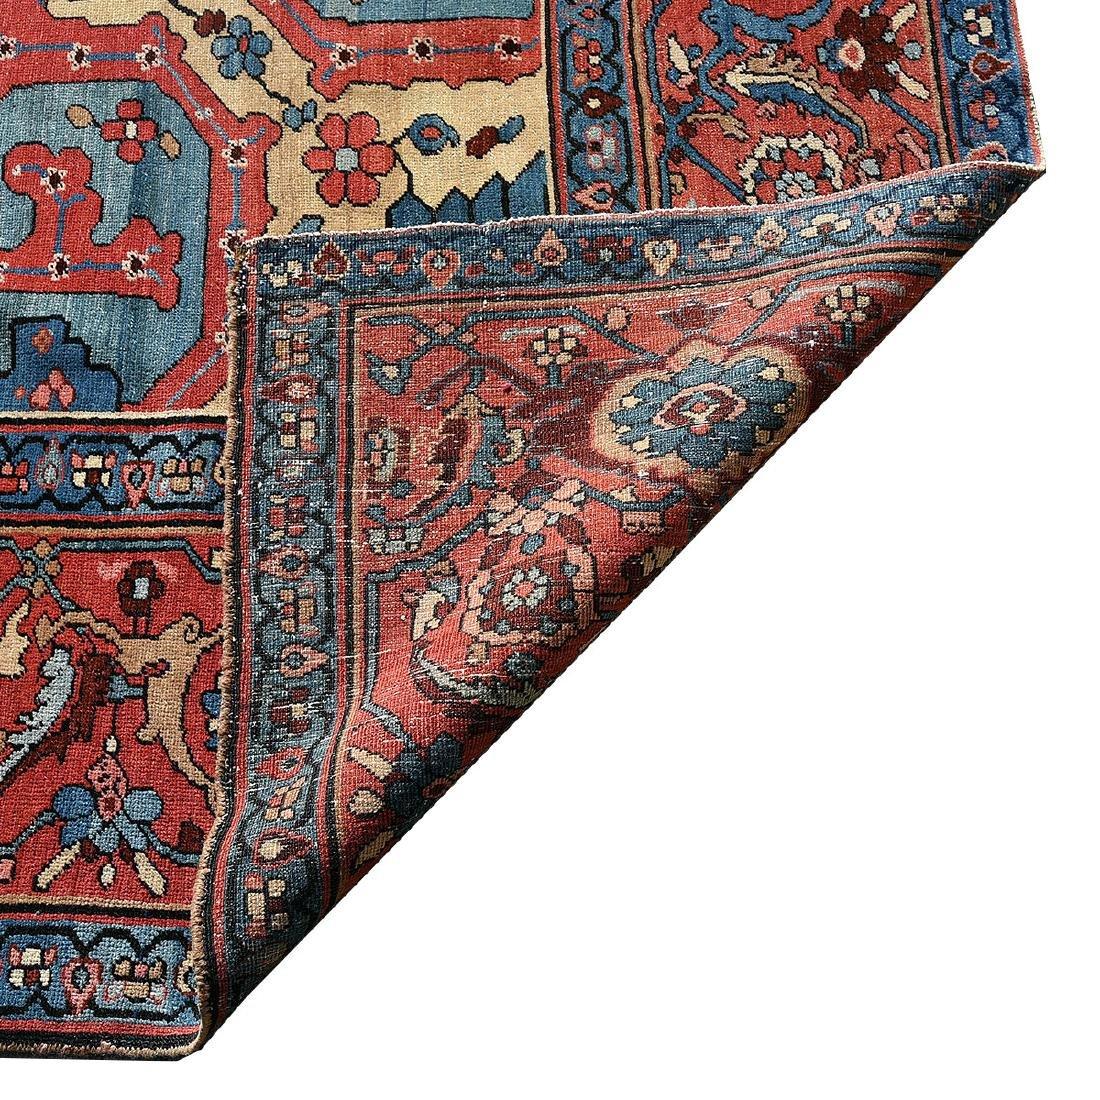 Bakshaish Carpet - 3